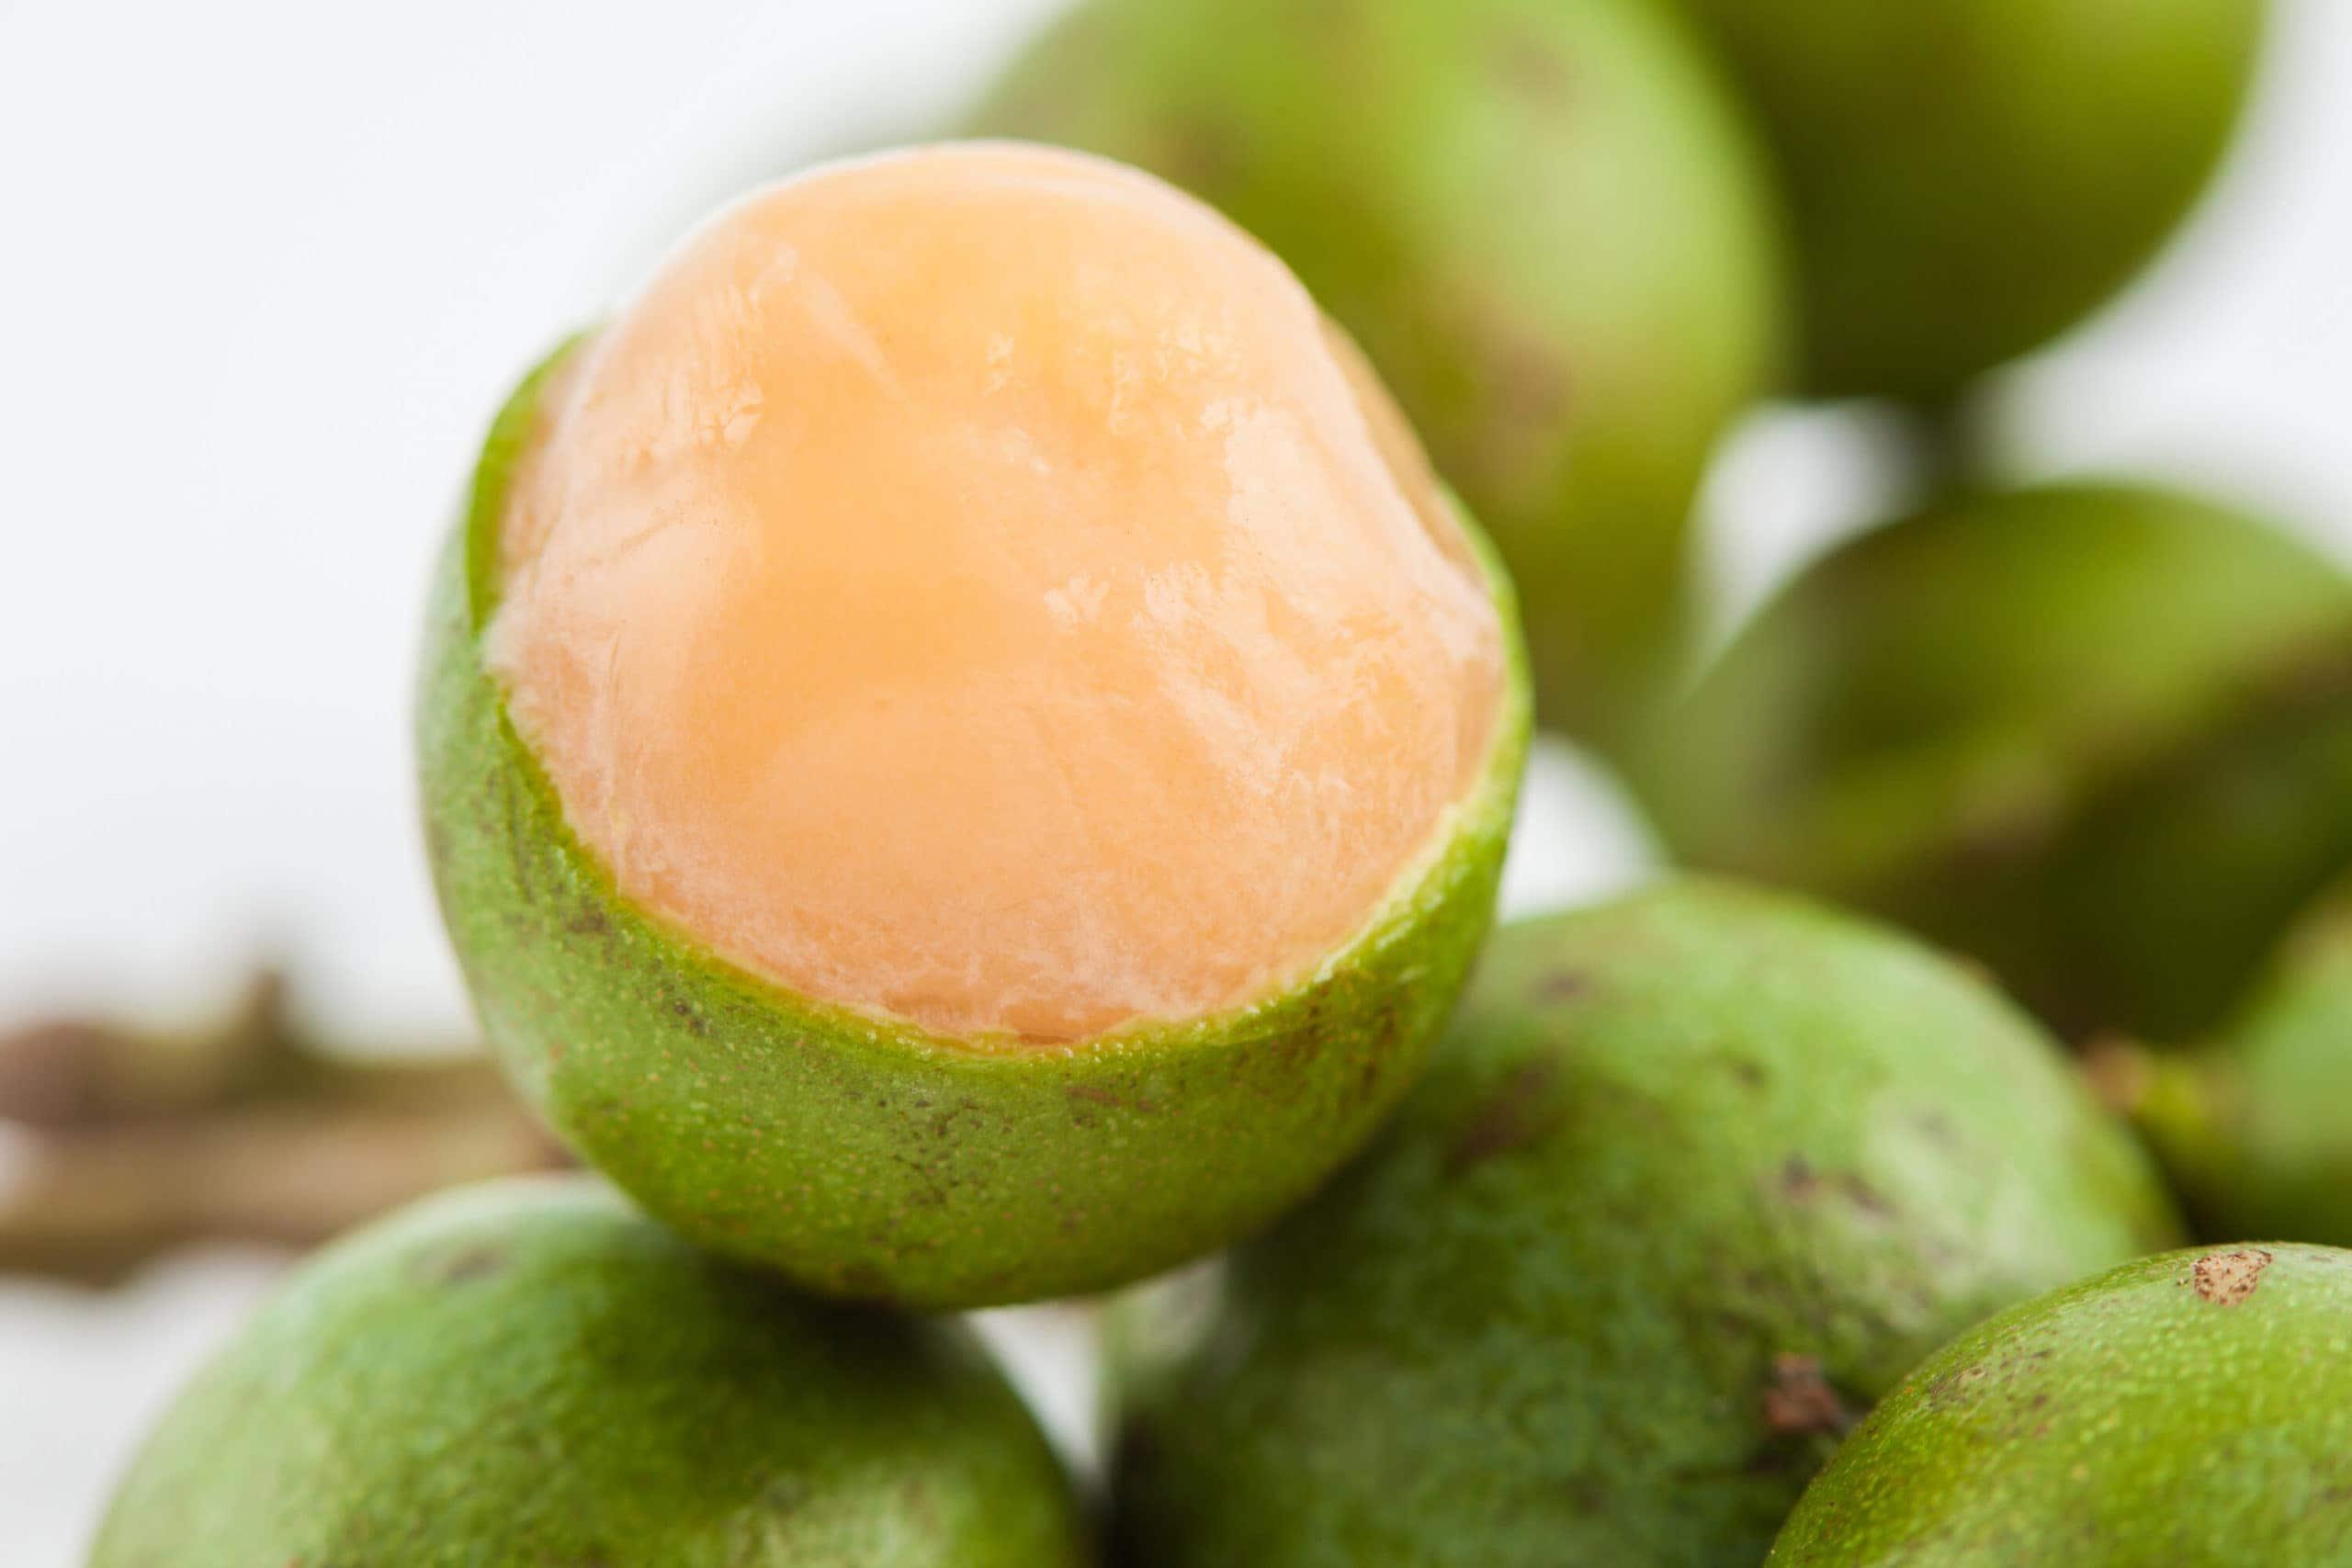 guinep fruit peeled close up